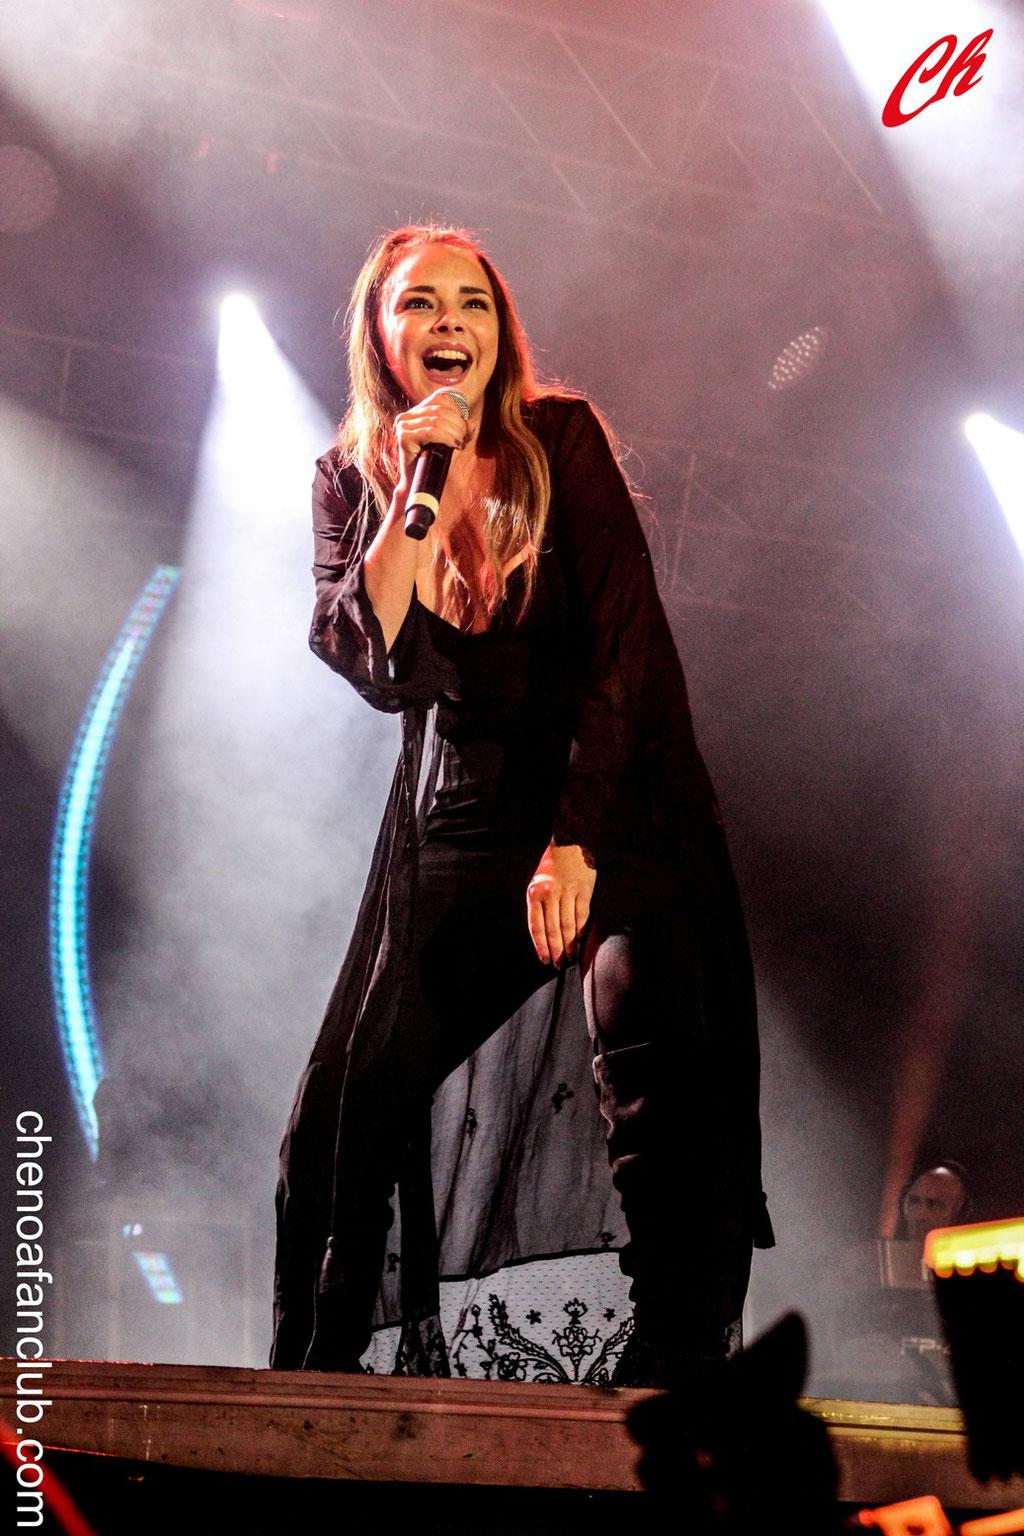 Concierto Valladolid 08/09/2018 - Fotos Celia de la Vega